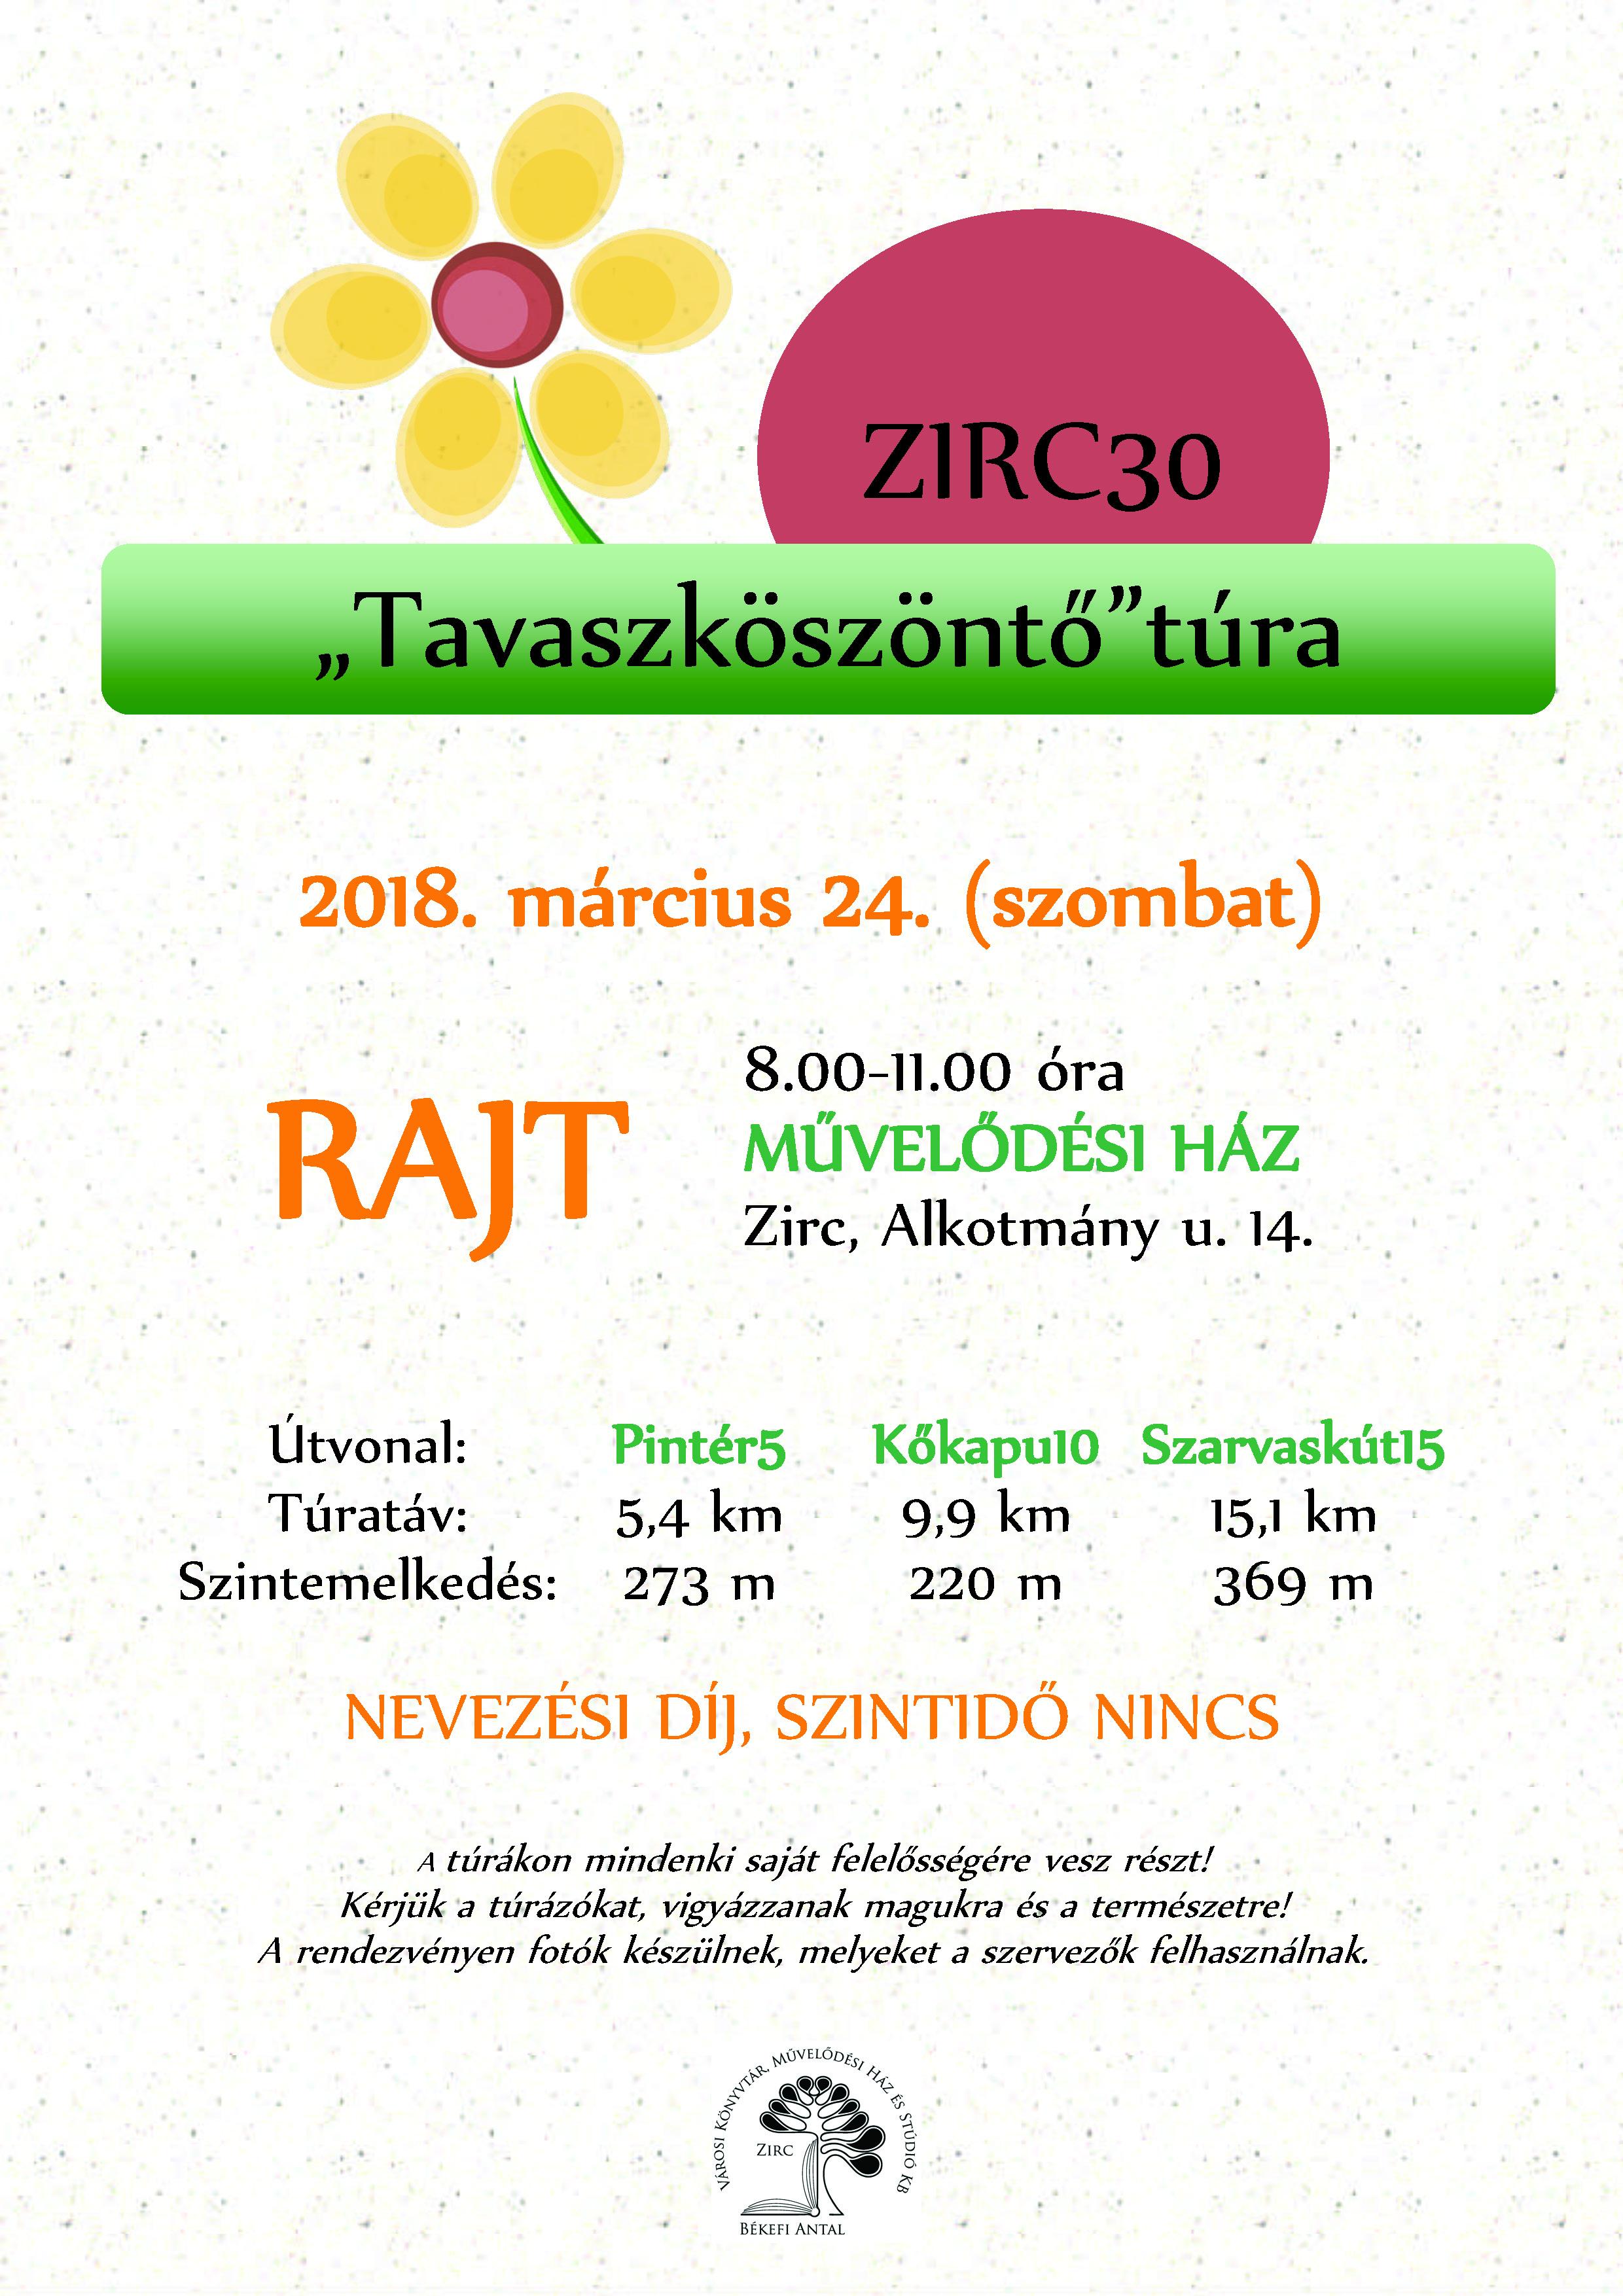 2018-03-24_zirc30_tavaszkoszonto_tura.jpg